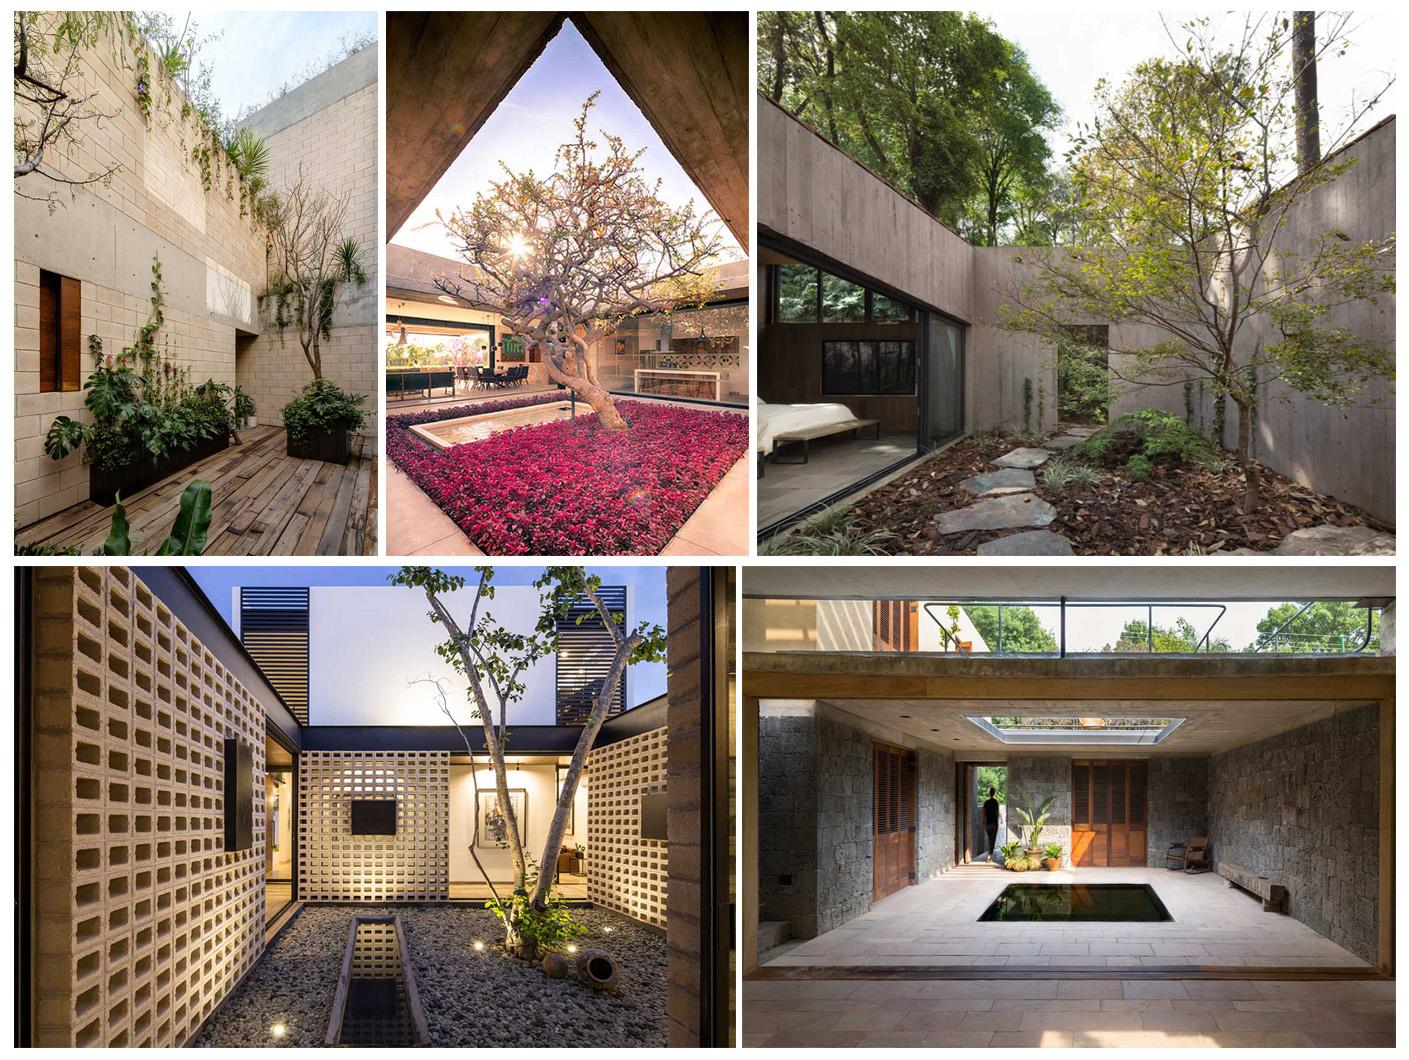 نگاهی به 14 پروژه در مکزیک با محوریت دعوت طبیعت بیرون به داخل